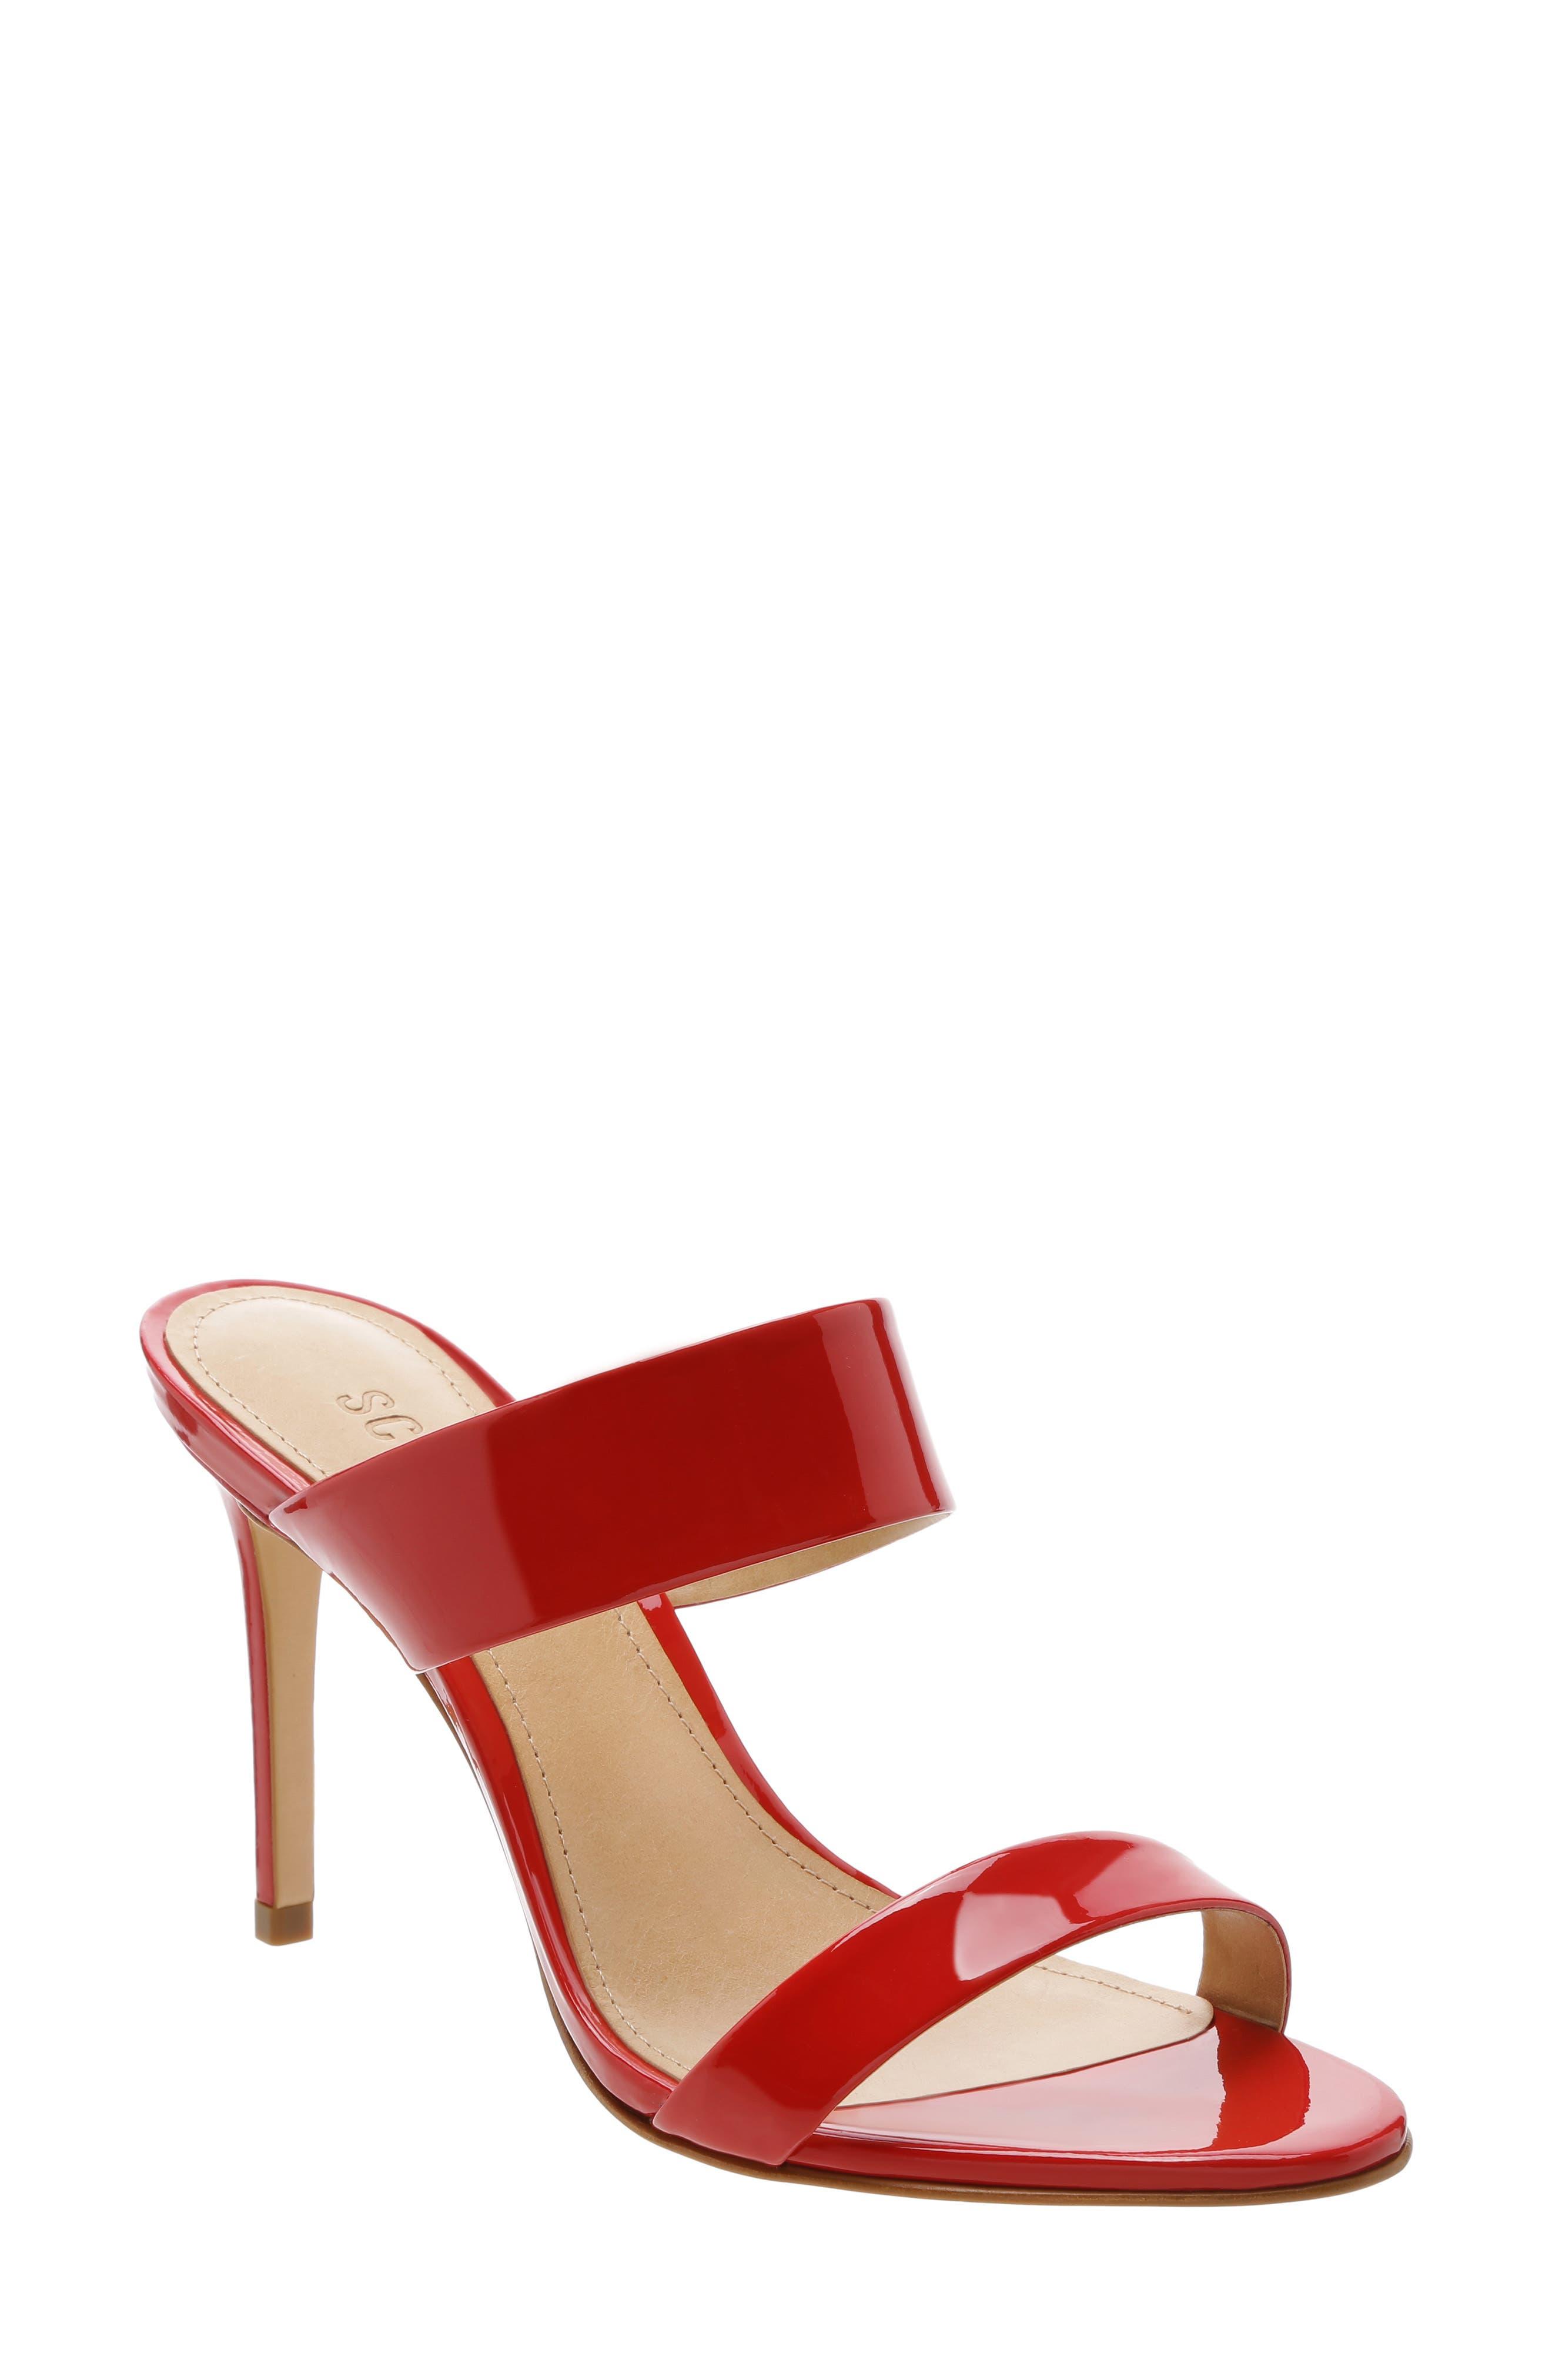 Schutz Leia Stiletto Slide Sandal, Red